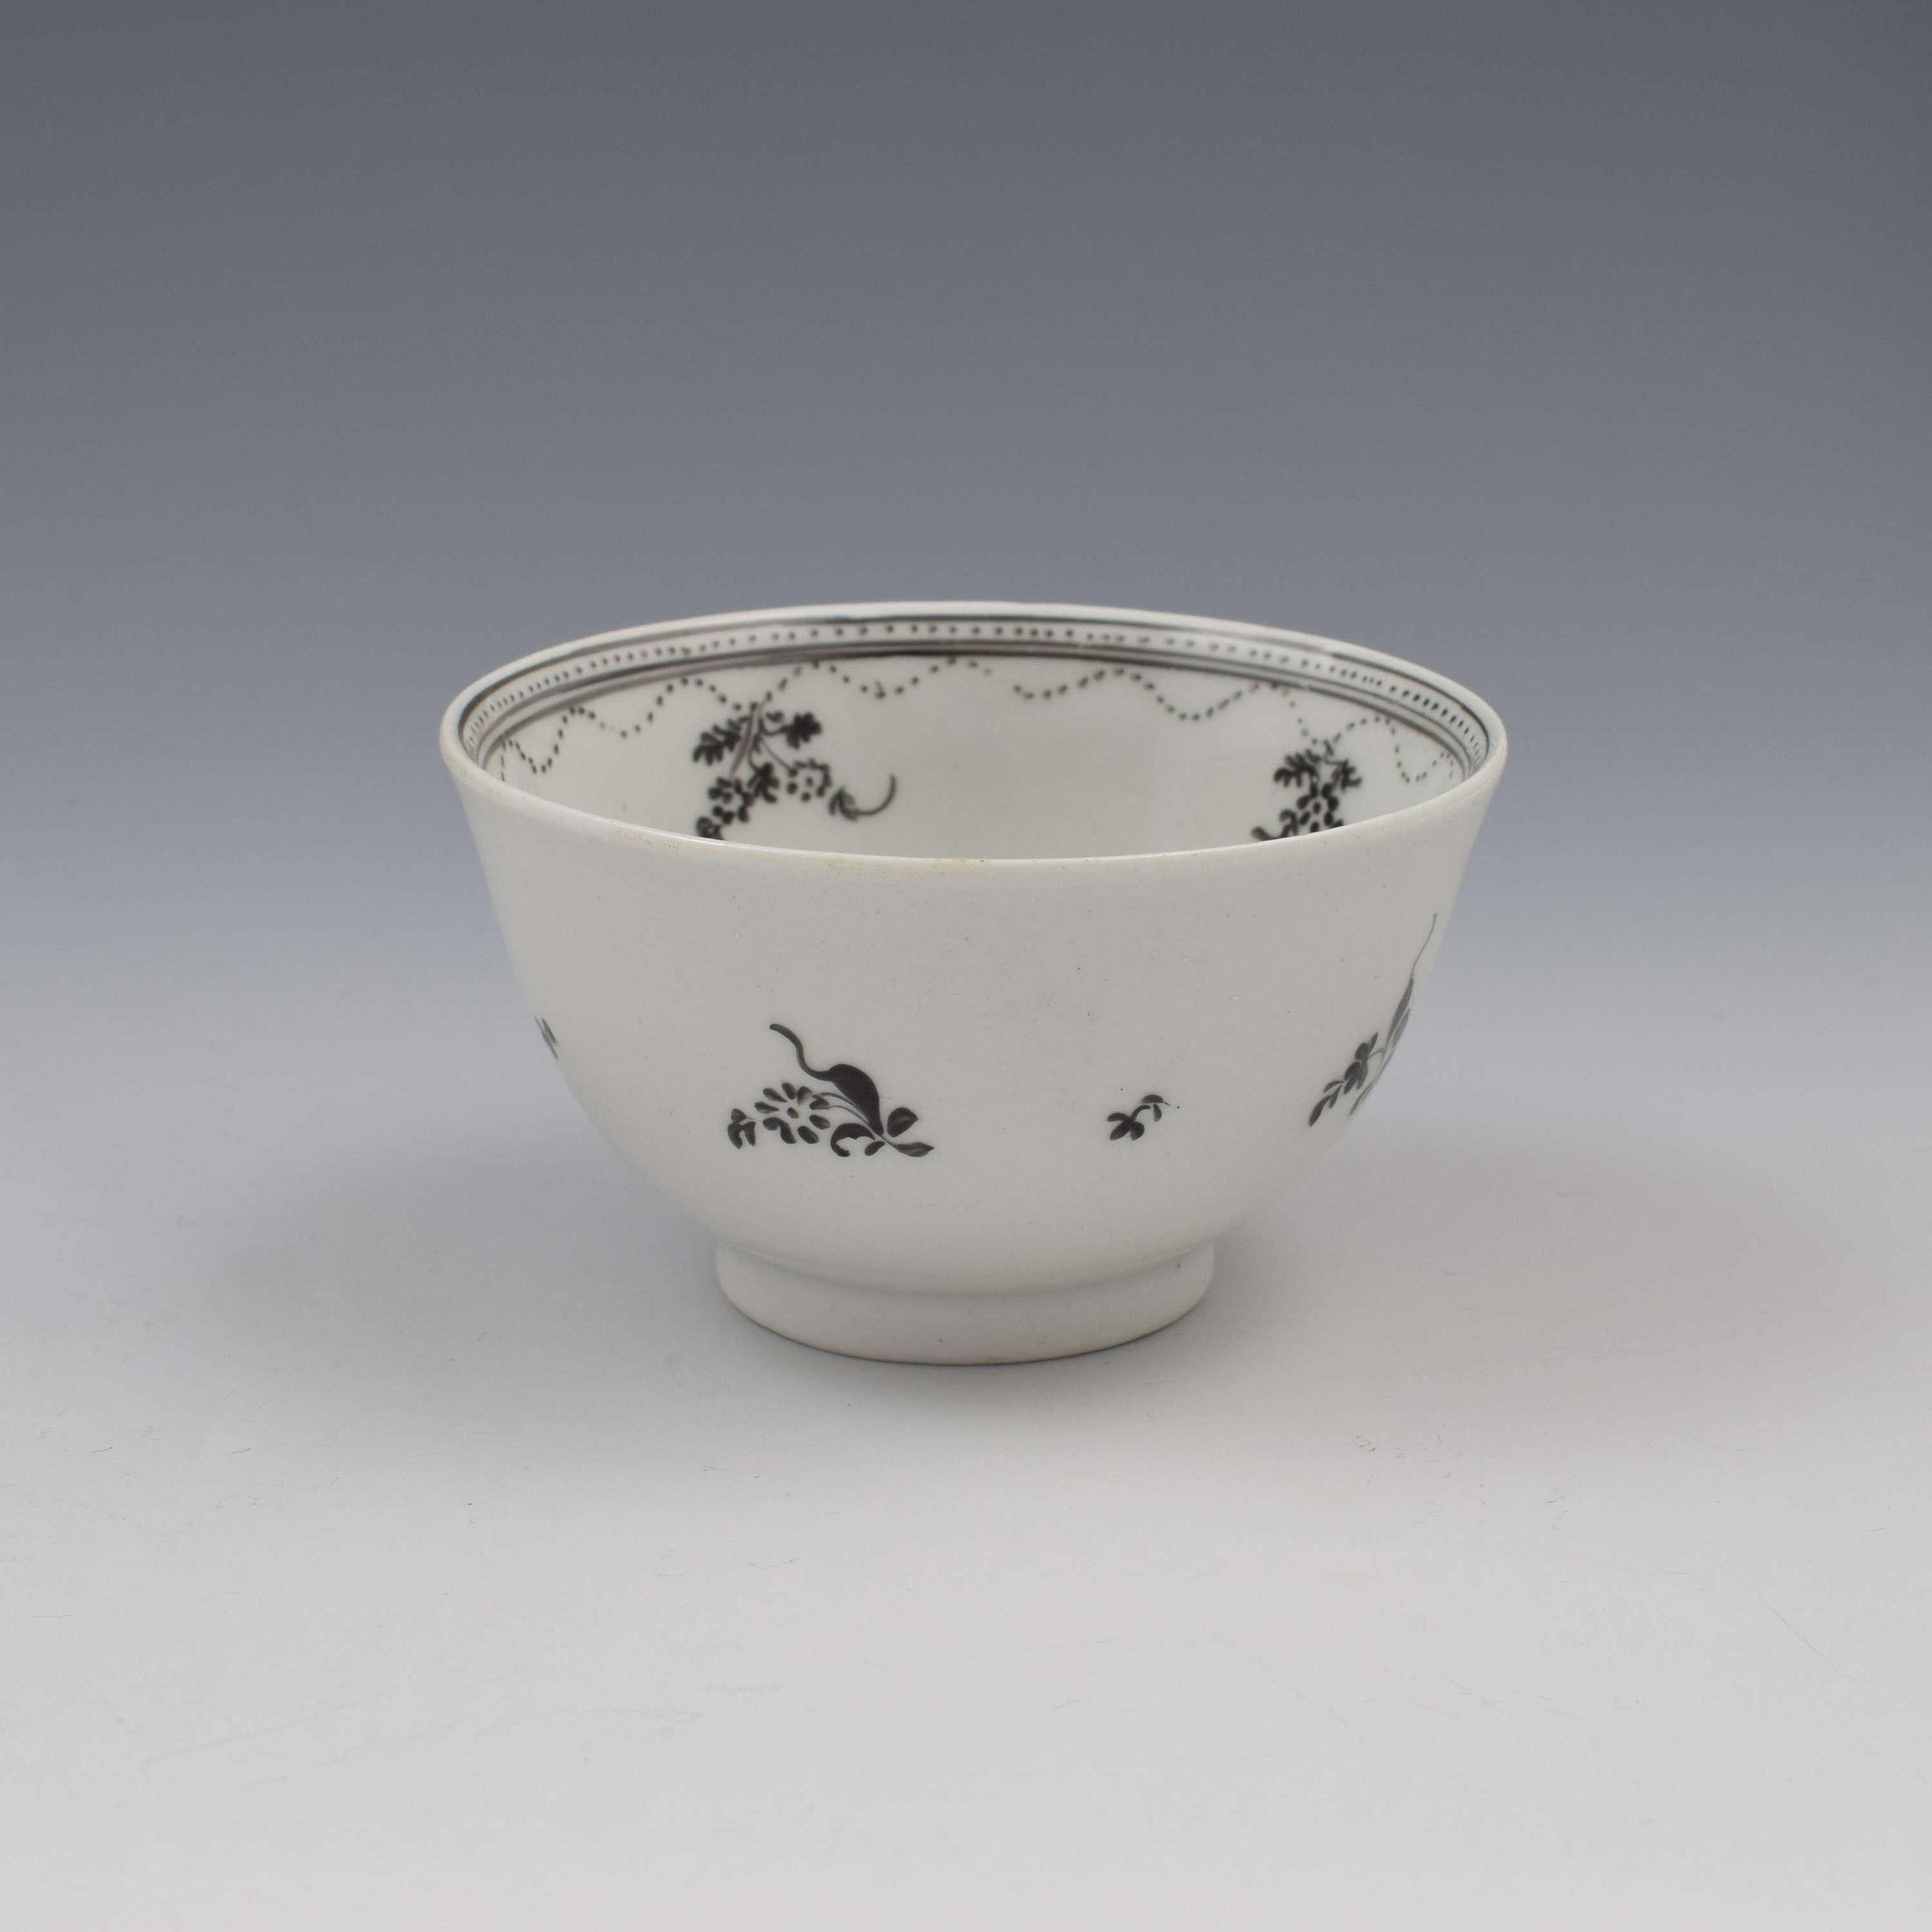 New Hall Porcelain Tea Bowl Pattern 308 Black Enamel Flower Basket